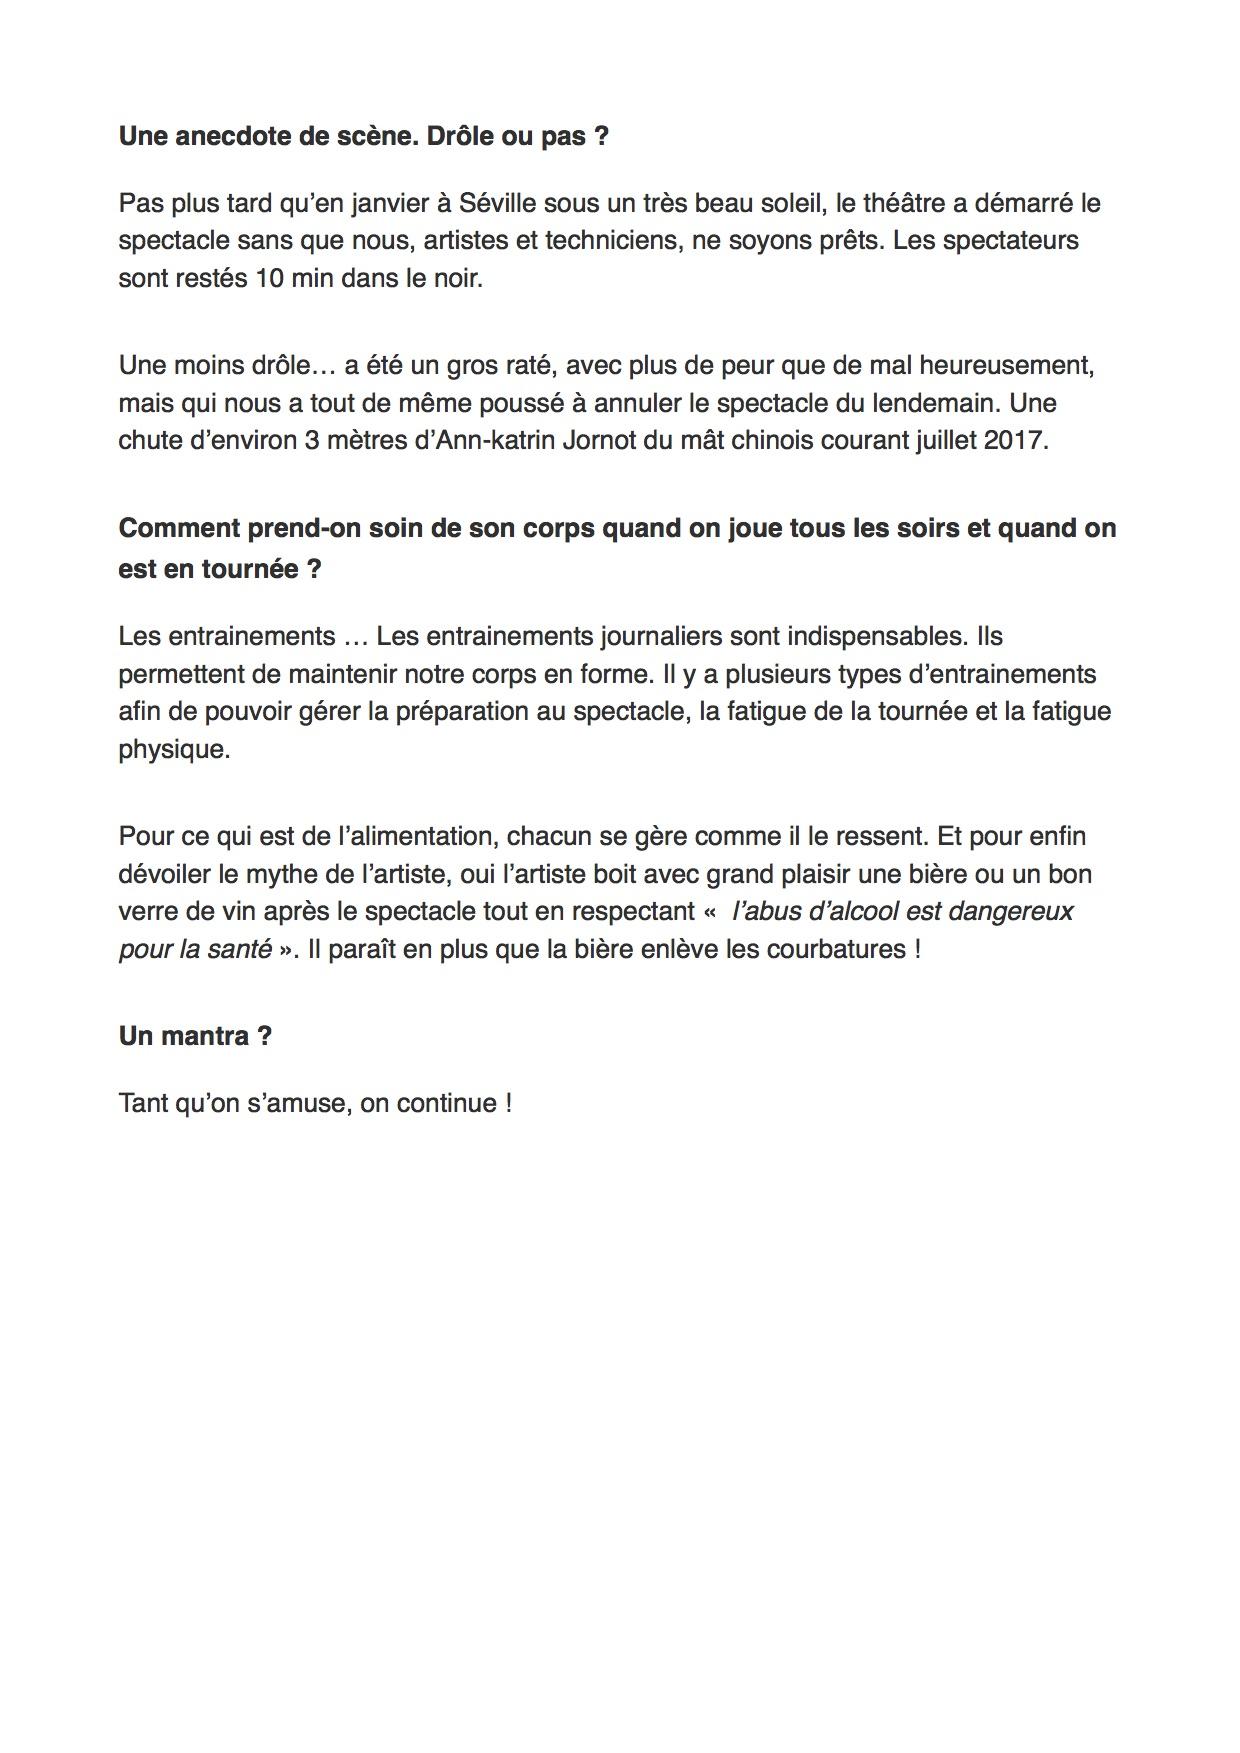 UNSO Paris 15.02.18 p3